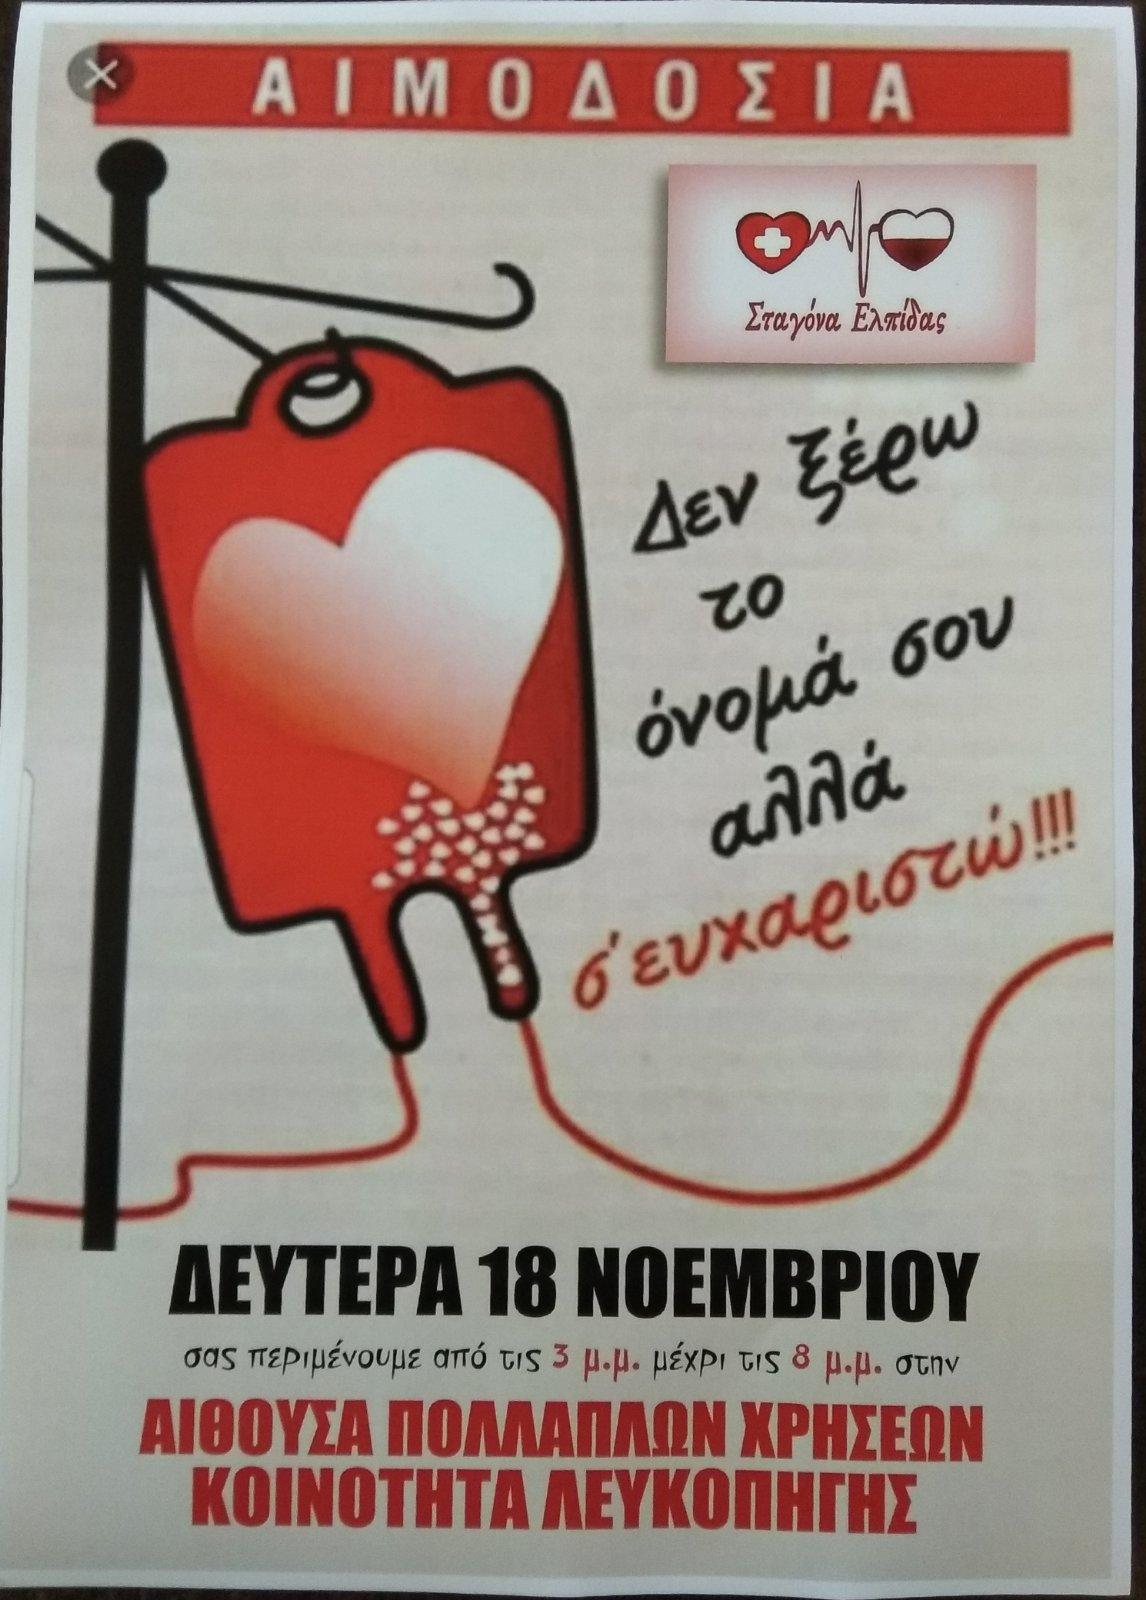 Αιμοδοσία, την Δευτέρα 18 Νοεμβρίου, από το σύλλογο Εθελοντών αιμοδοτών Αιμοπεταλιοδοτών Σταγόνα Ελπίδας μαζί με την κοινότητα Λευκοπηγής κ